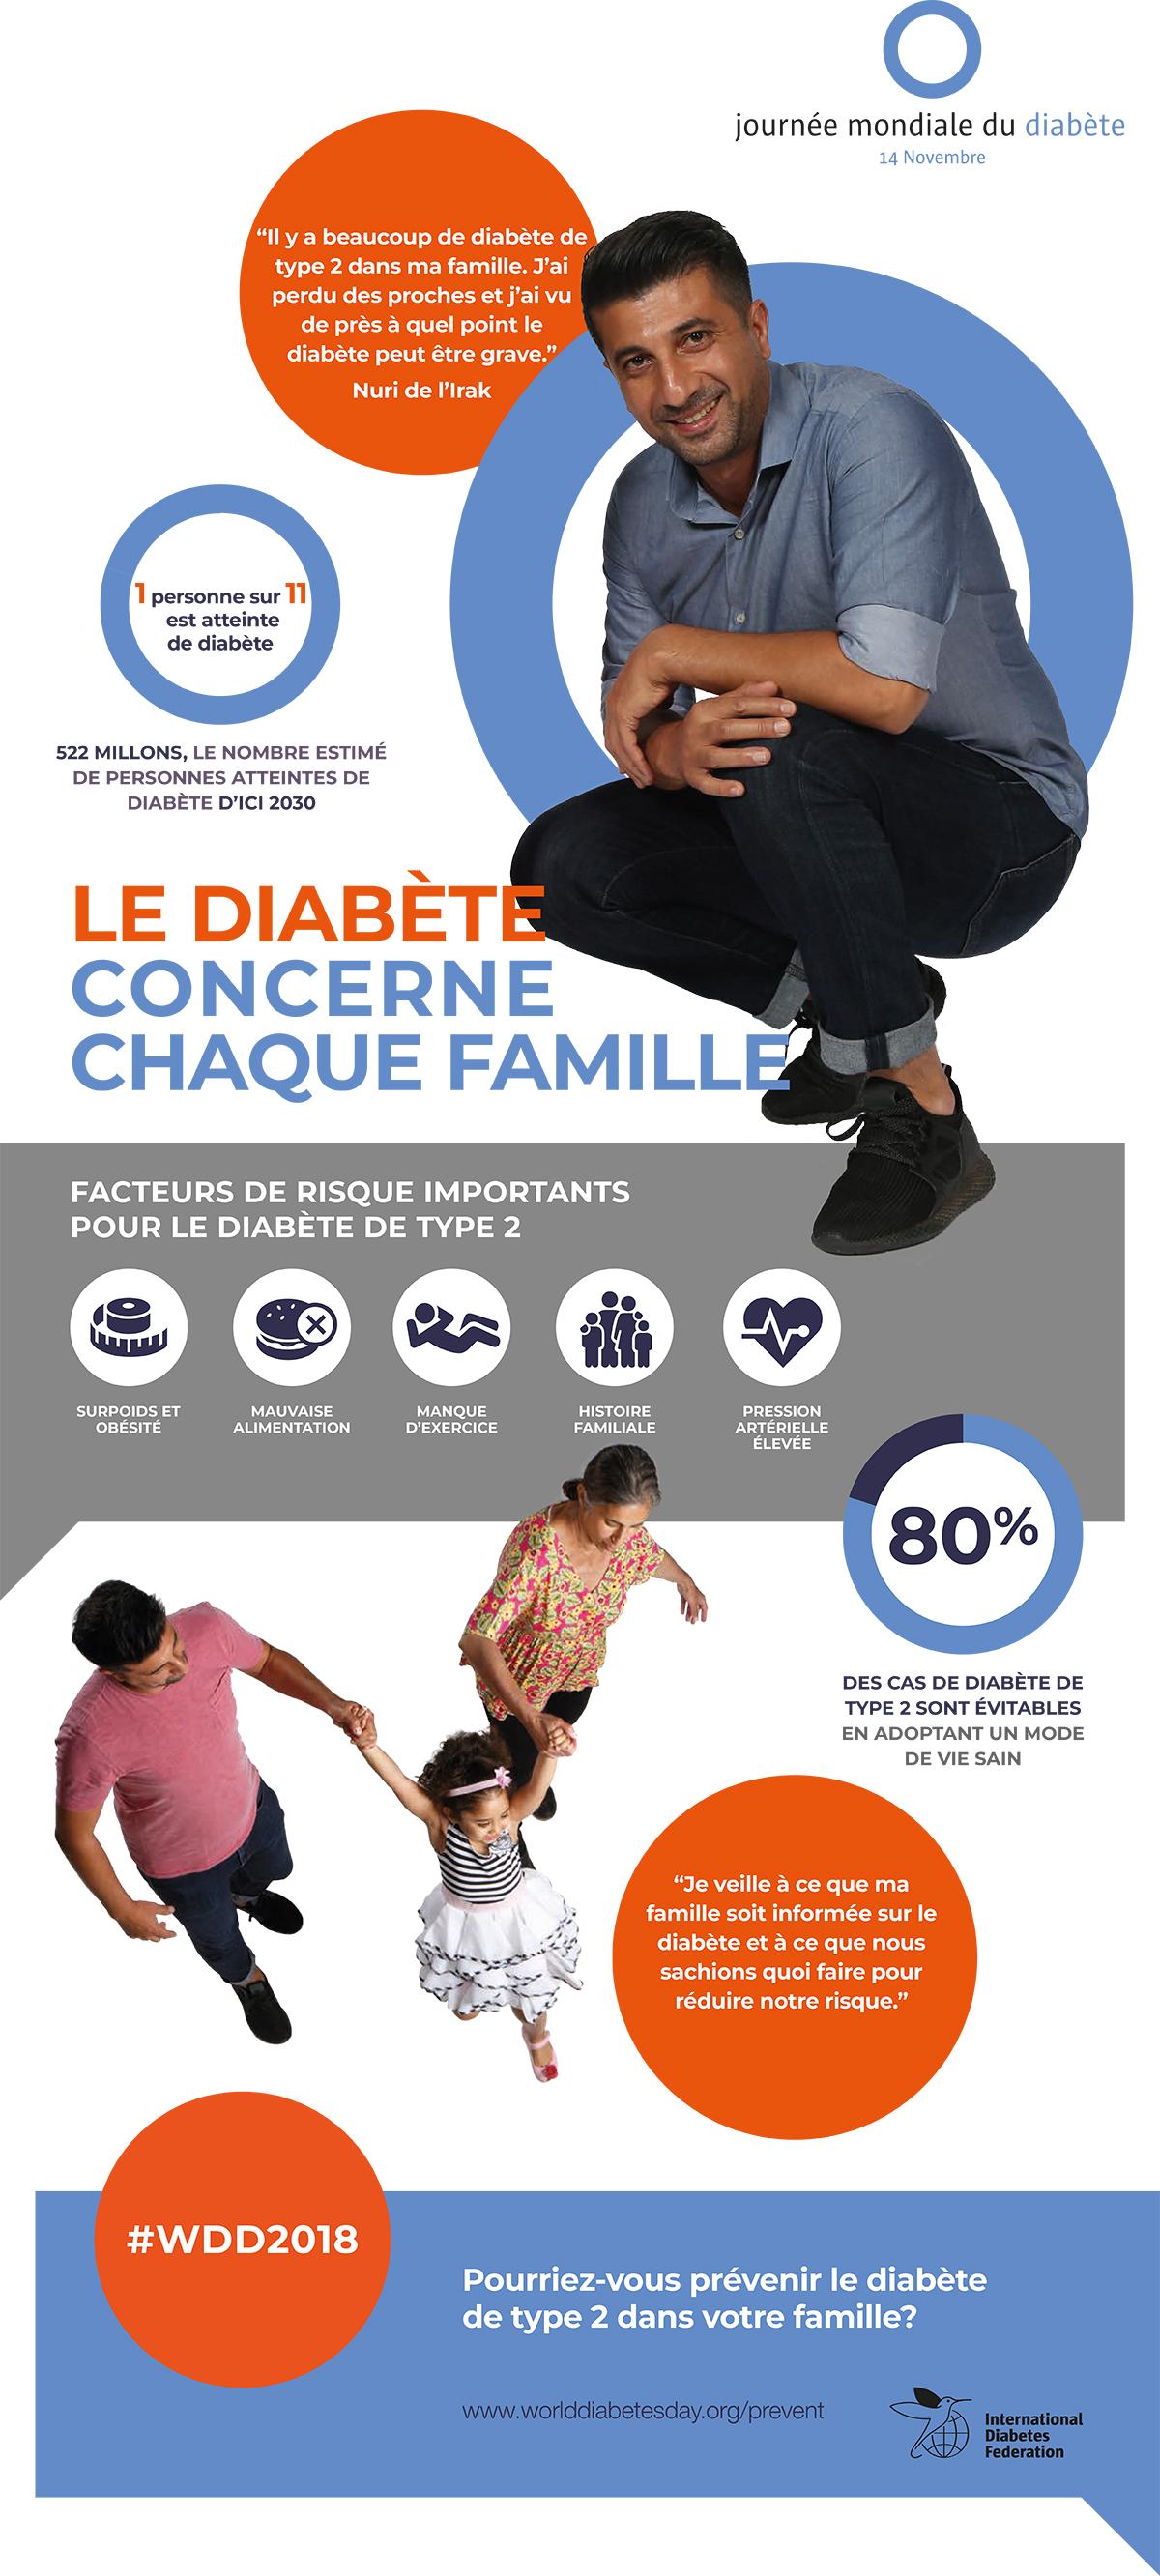 Prévenir le diabète